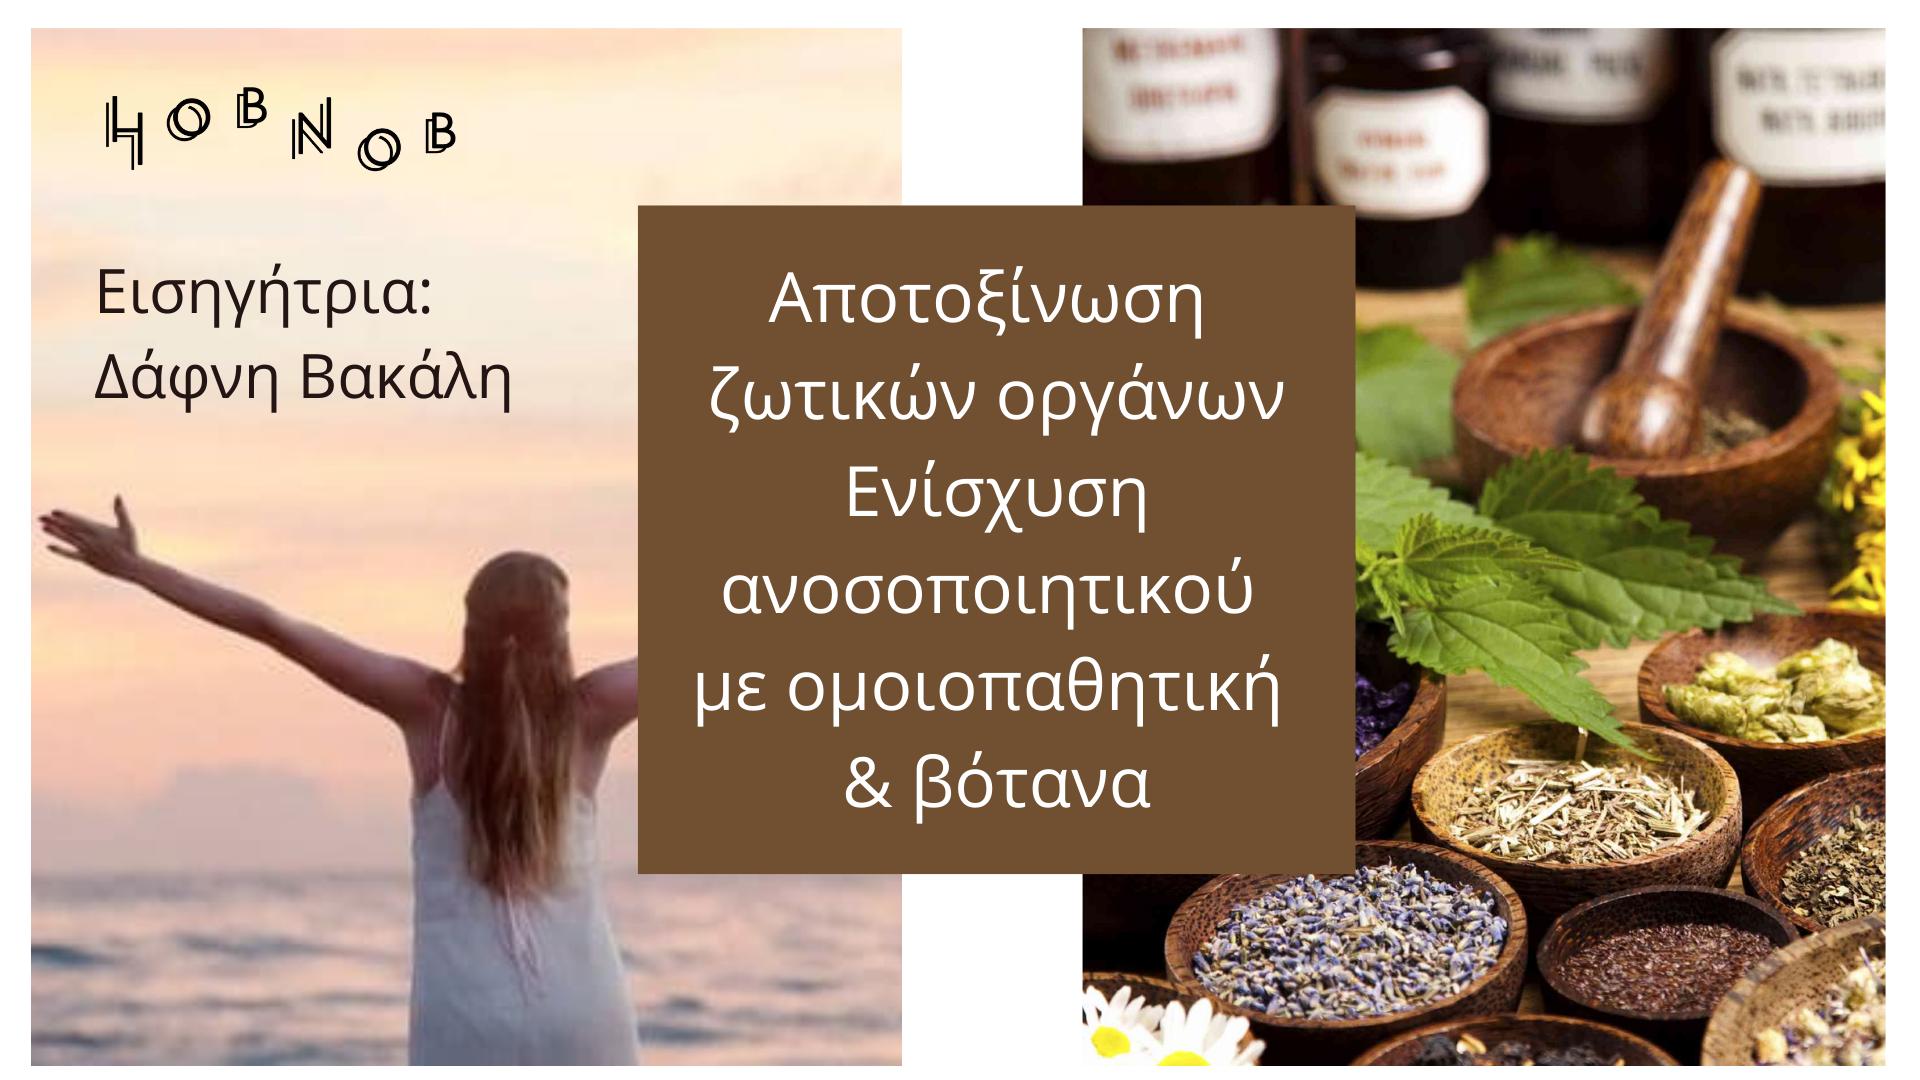 Αποτοξίνωση οργάνων με ομοιοπαθητική, βότανα & Ενίσχυση ανοσ/κού @ Hobnob